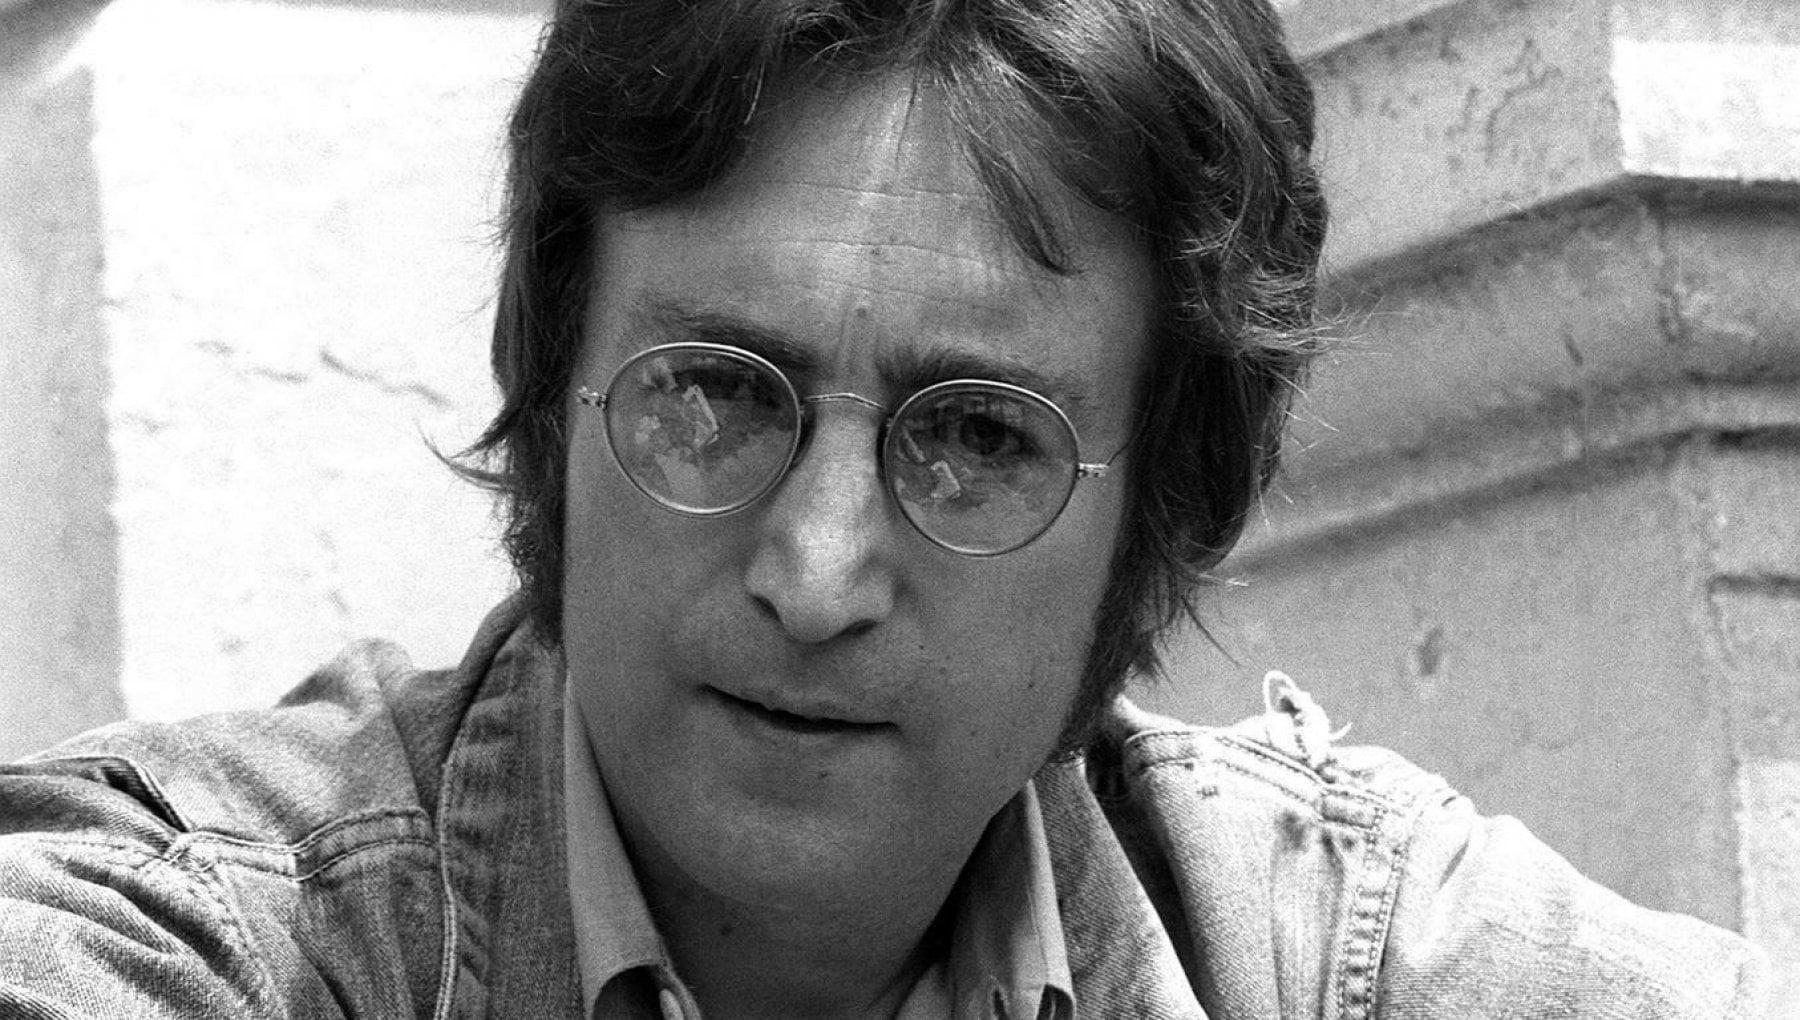 John Lennon ricordi e canzoni dalla A alla Z